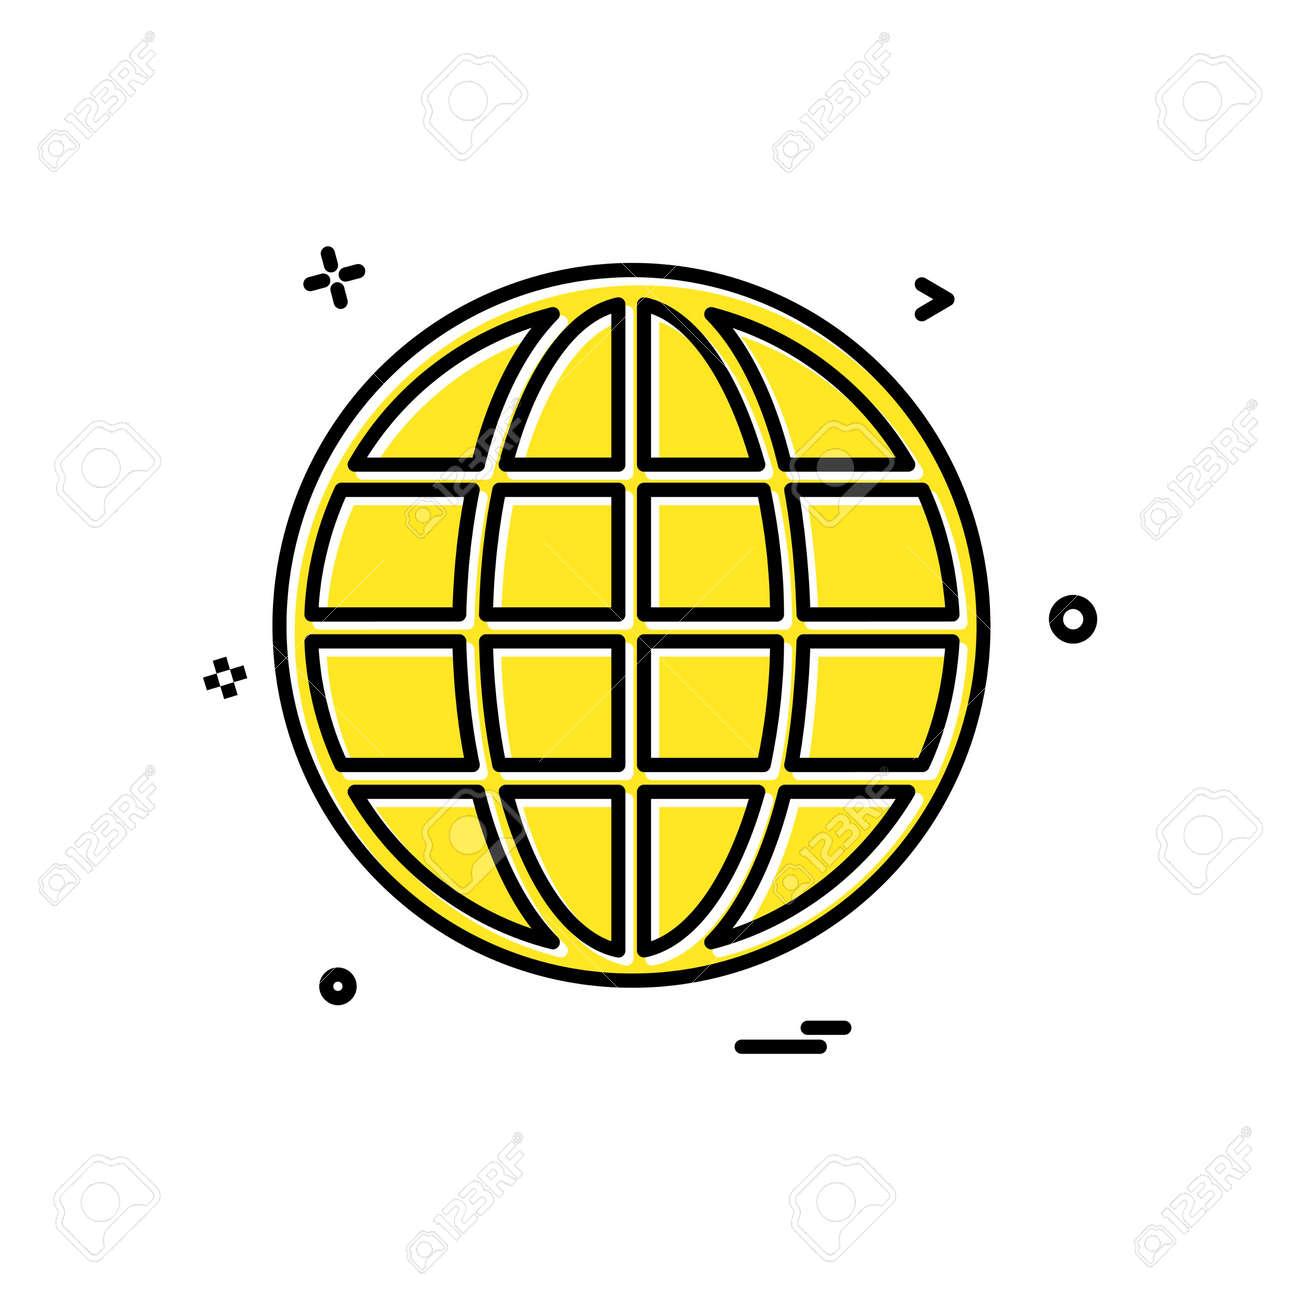 Globe icon design vector - 122160336